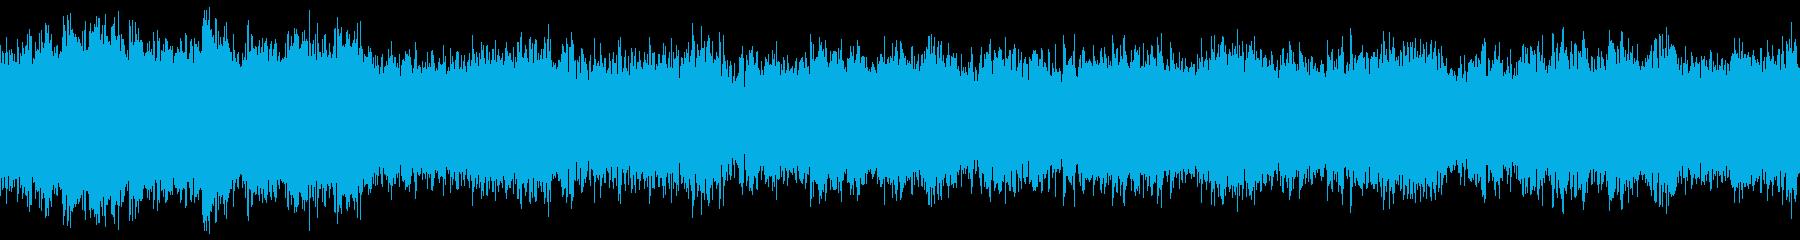 おだやかキラキラ静かめカラオケ/ループの再生済みの波形